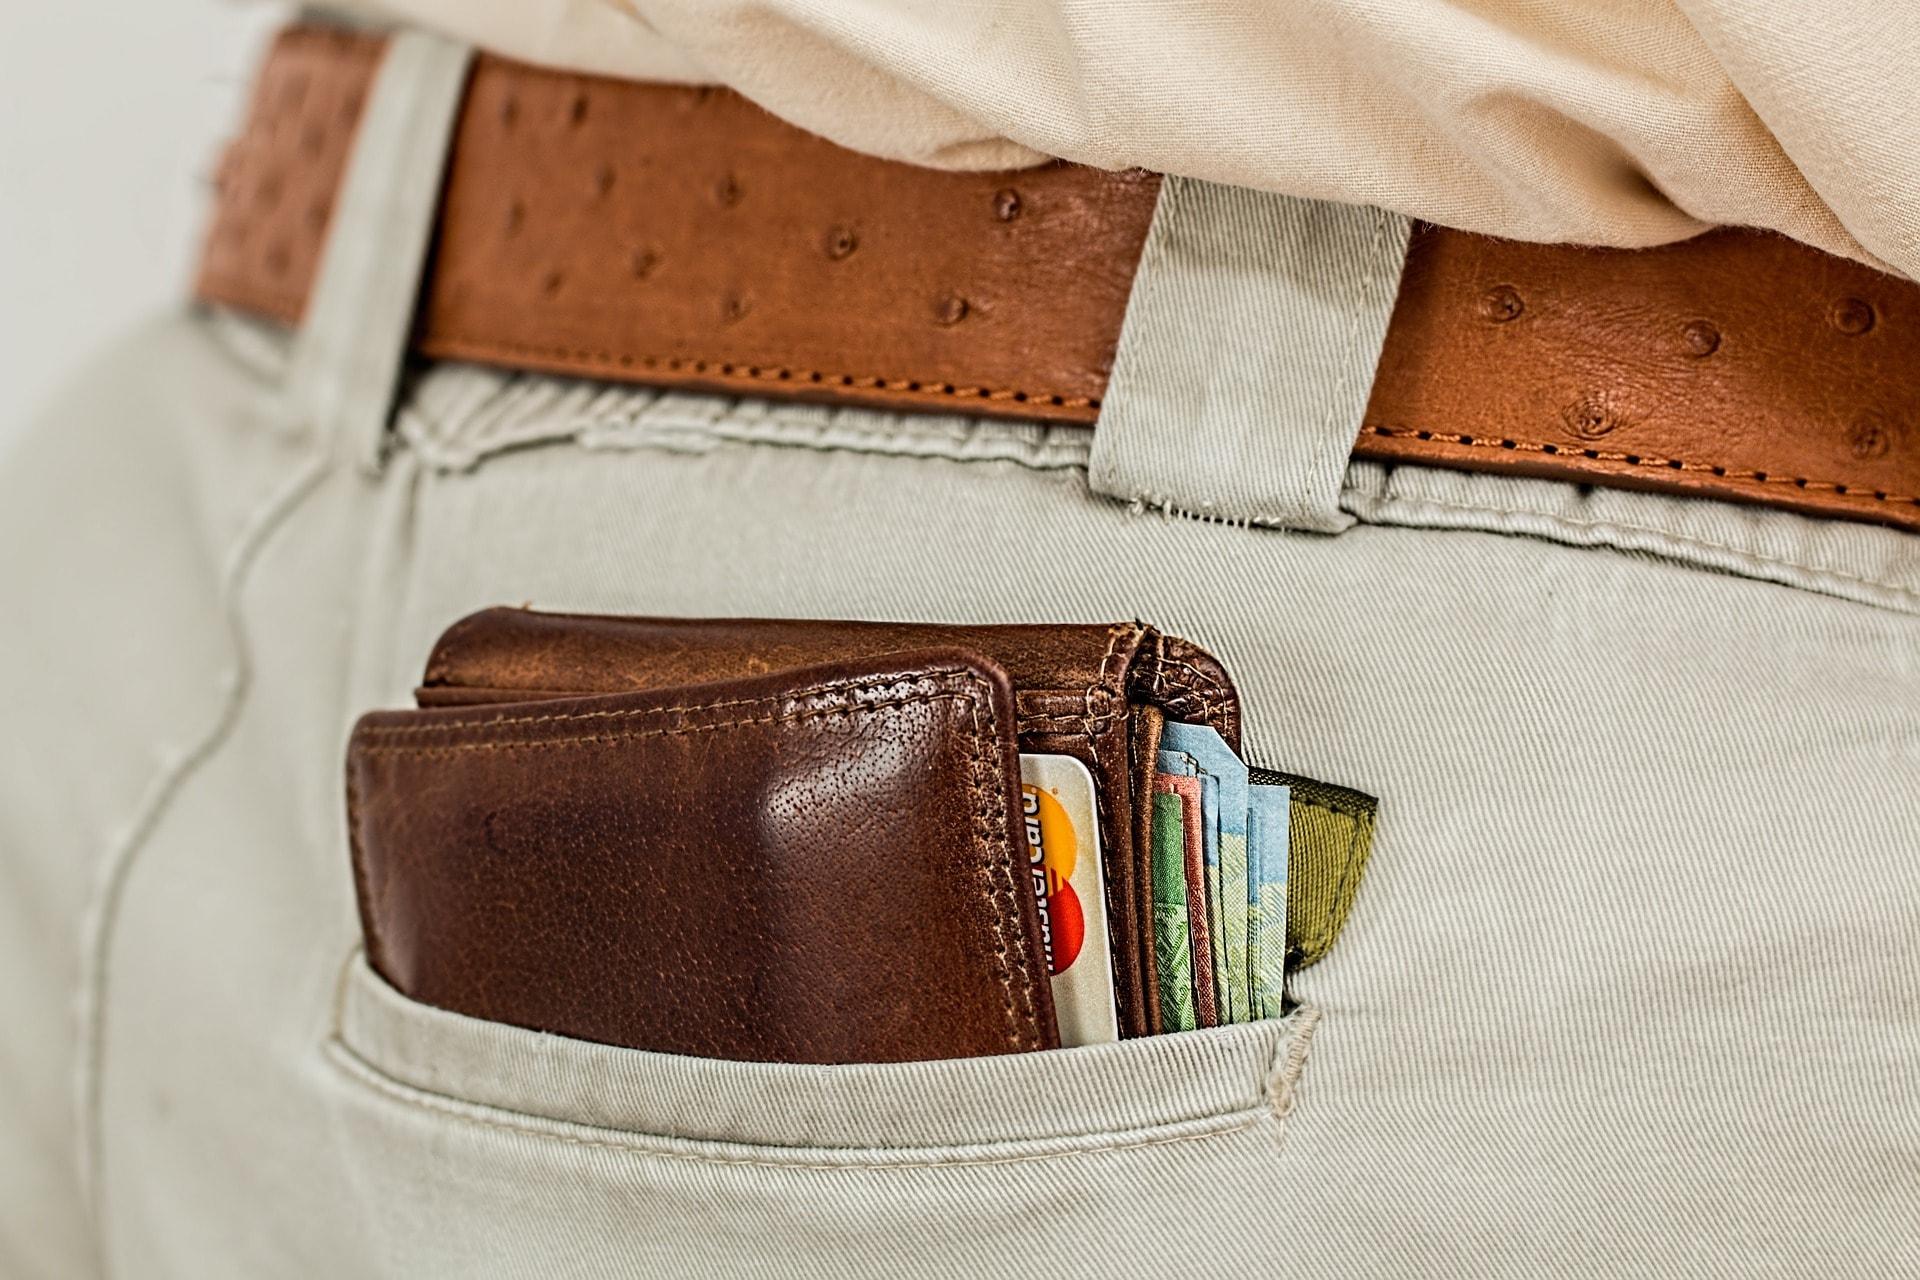 アメリカで財布をなくした私がやった手続きまとめ